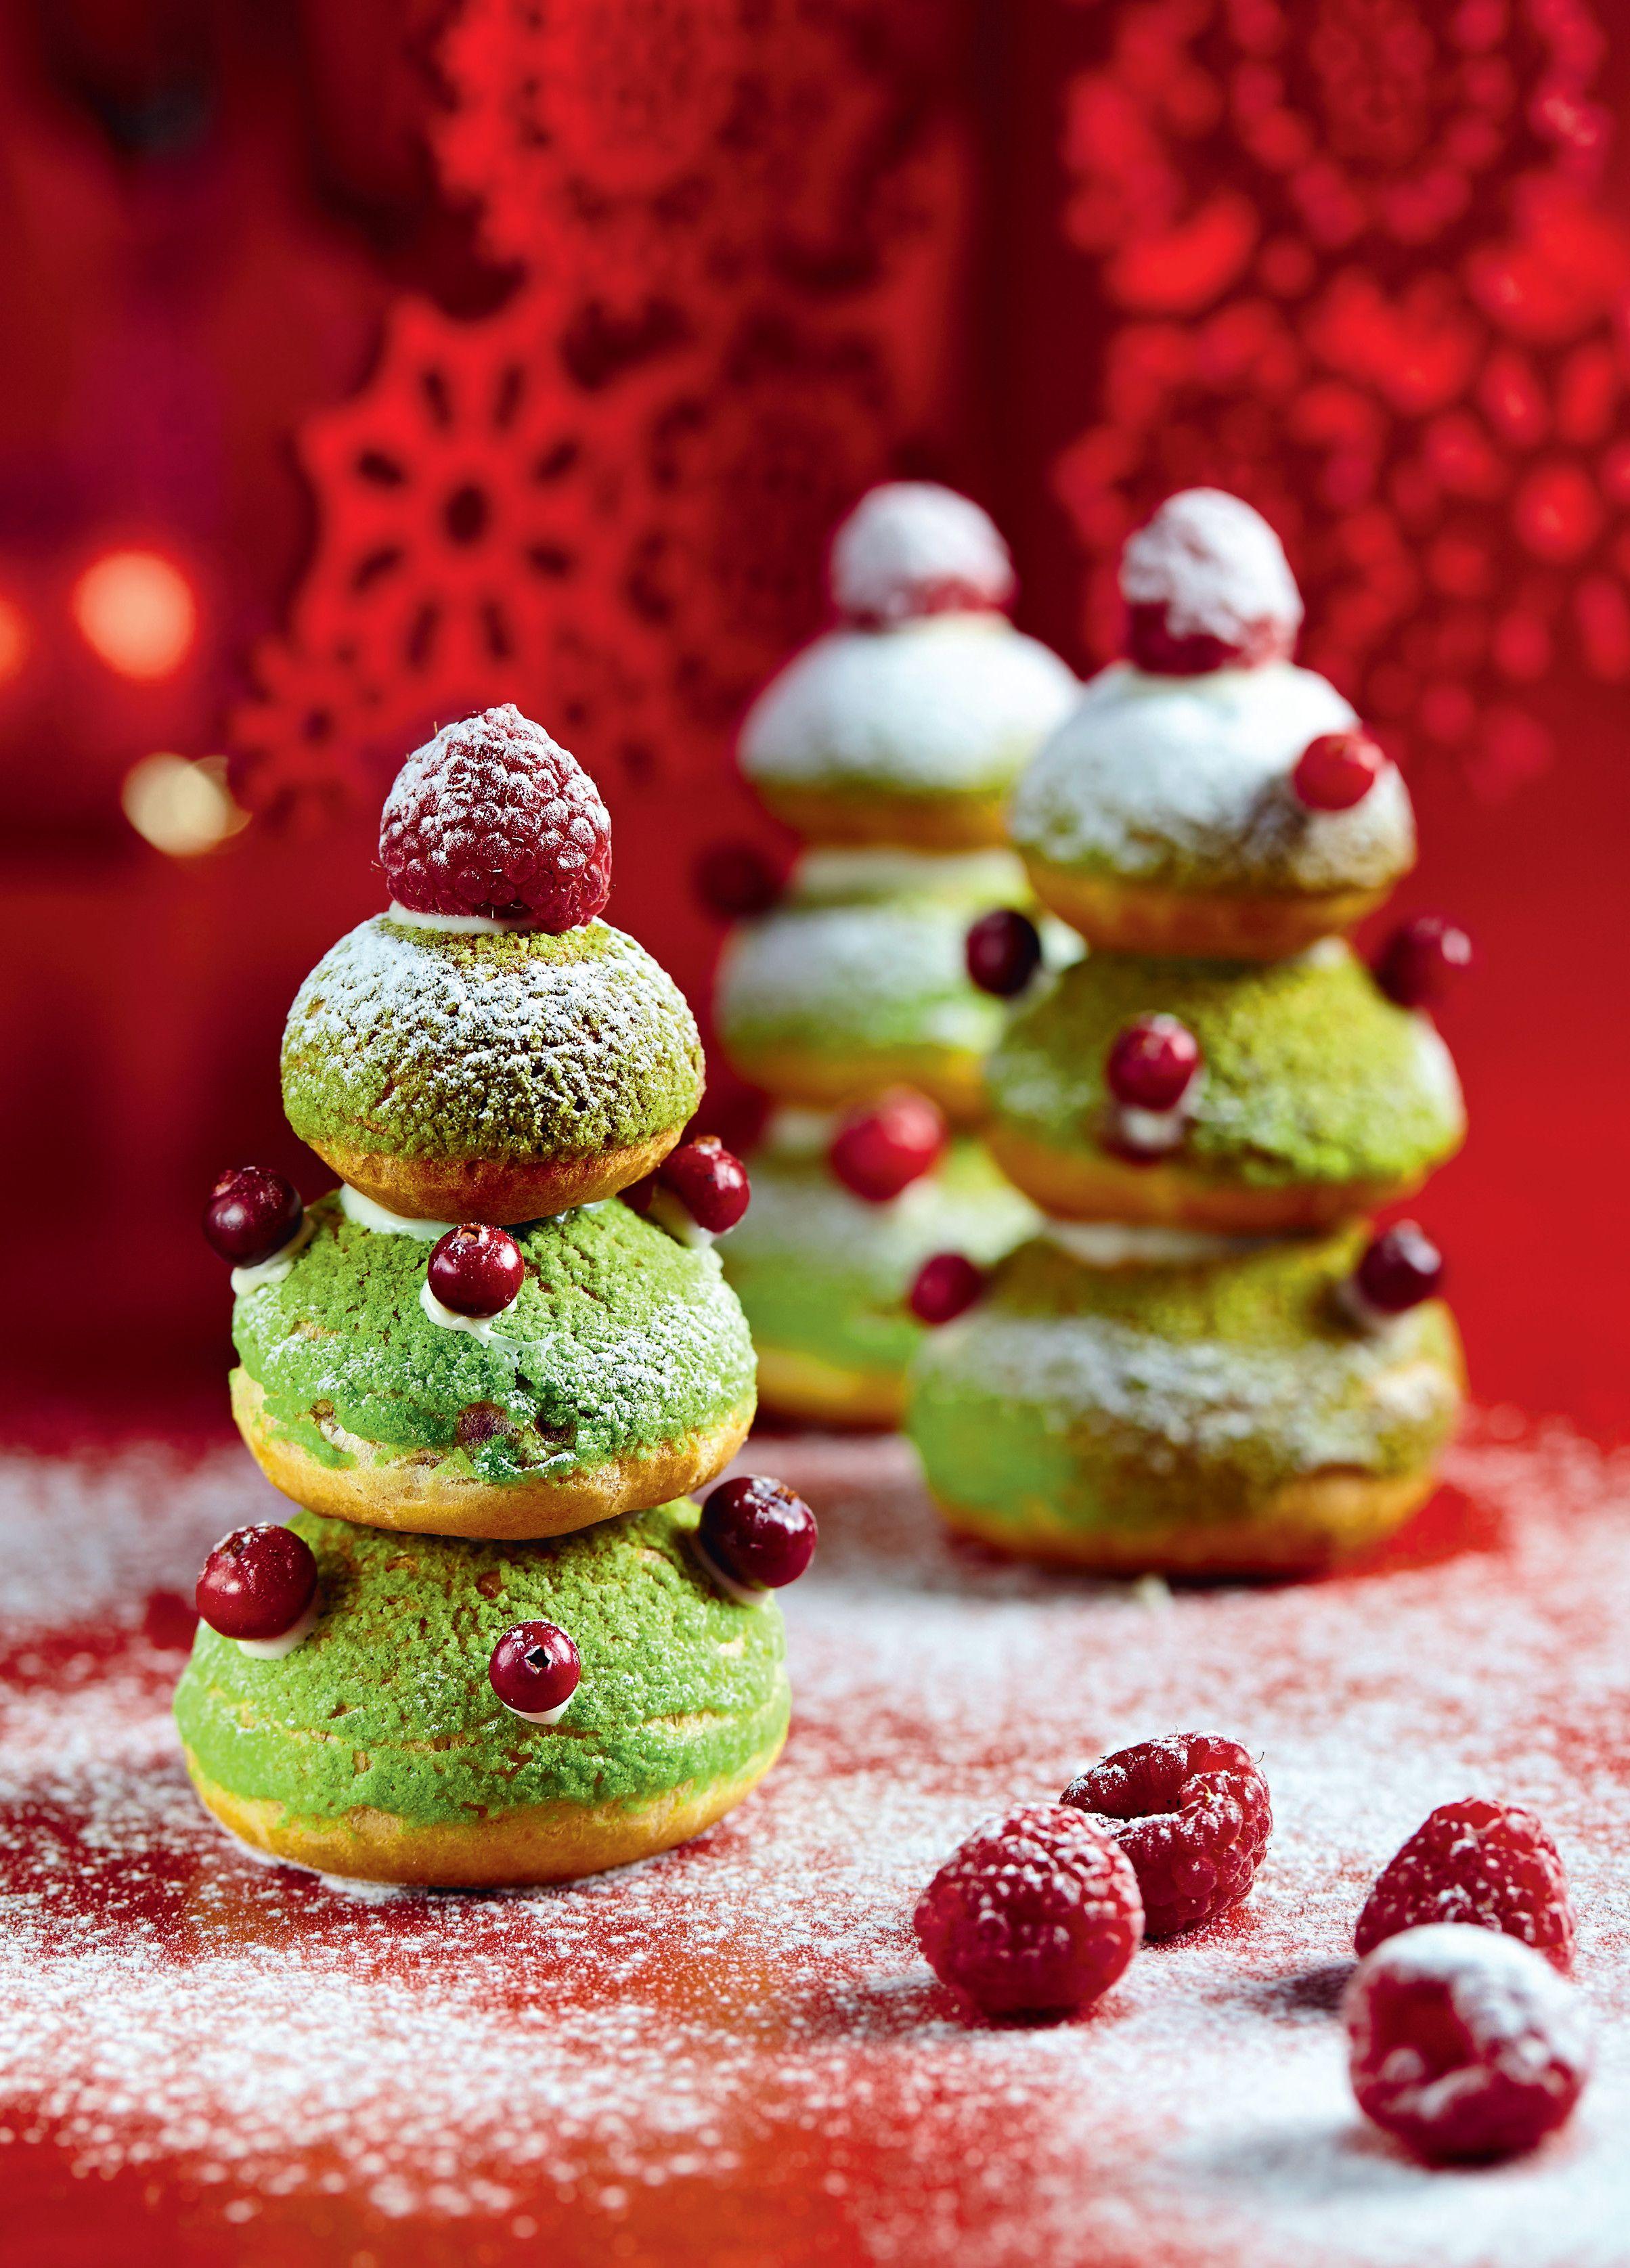 можно новогодние десерты рецепты с фото из фруктов способность